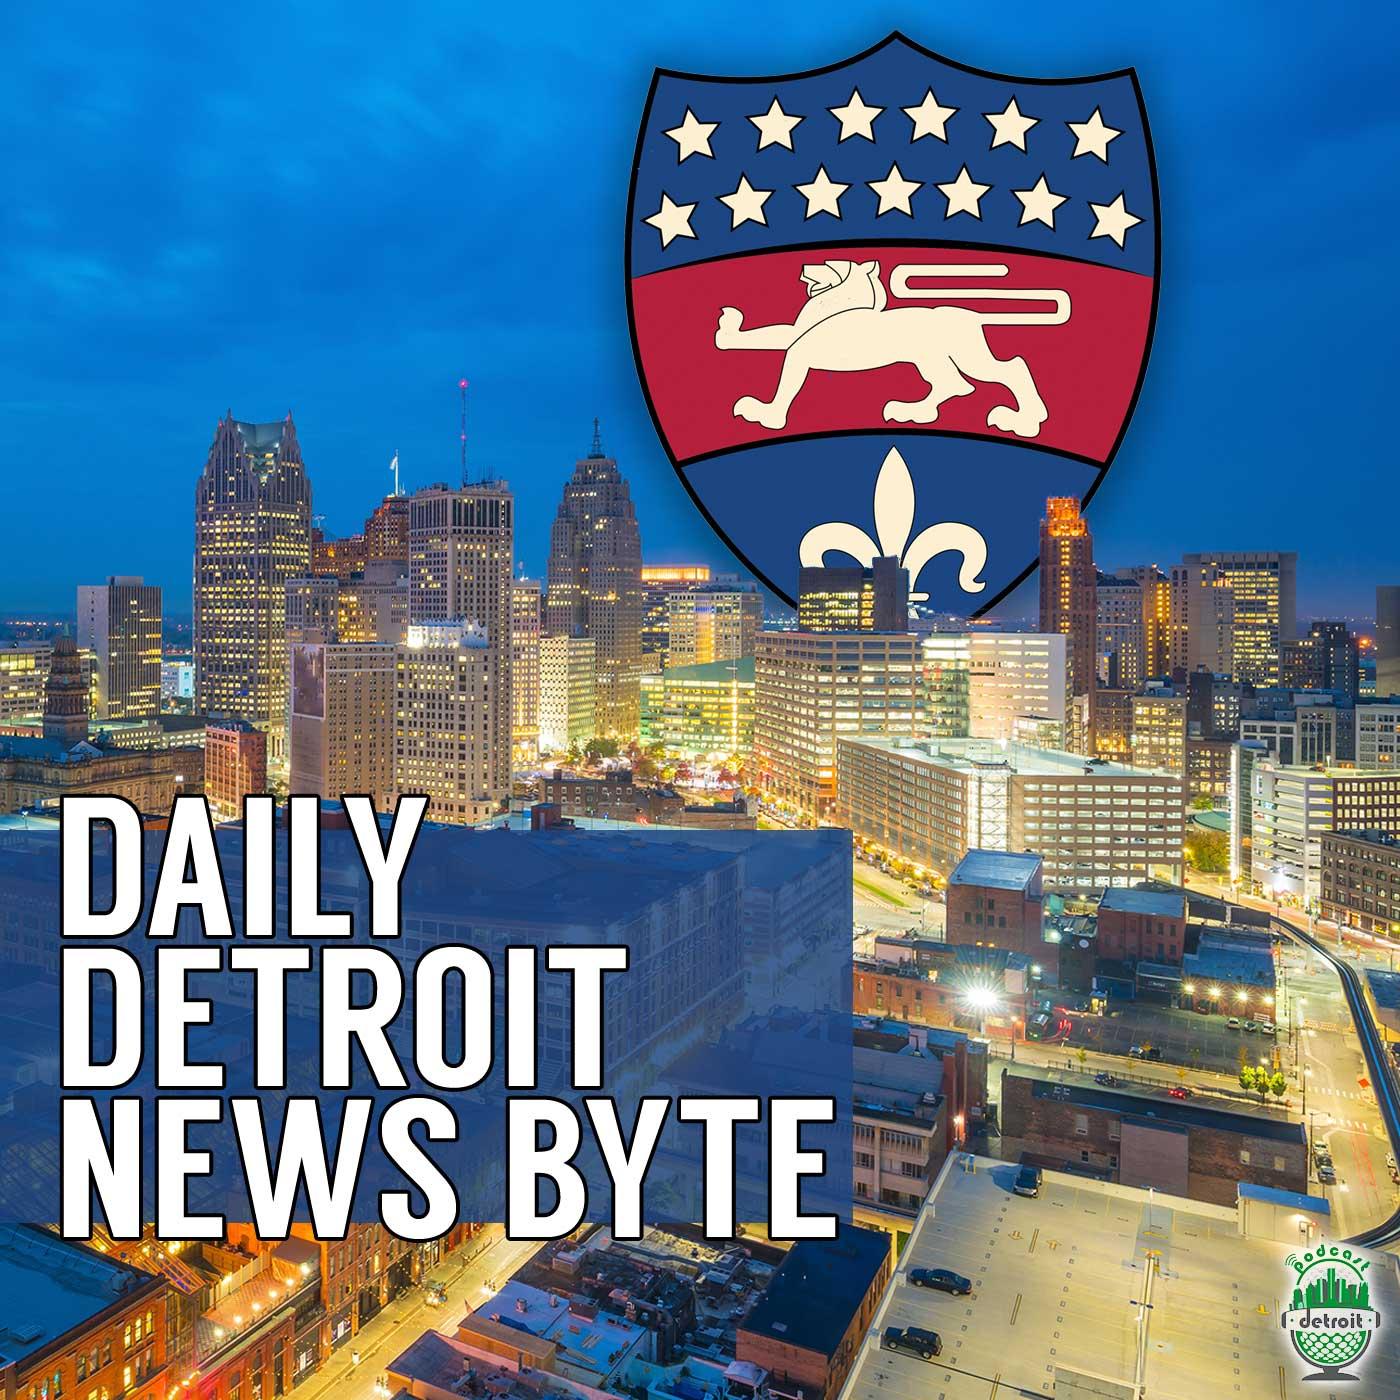 News byte qline little caesars open rental denials in for Motor city casino little caesars